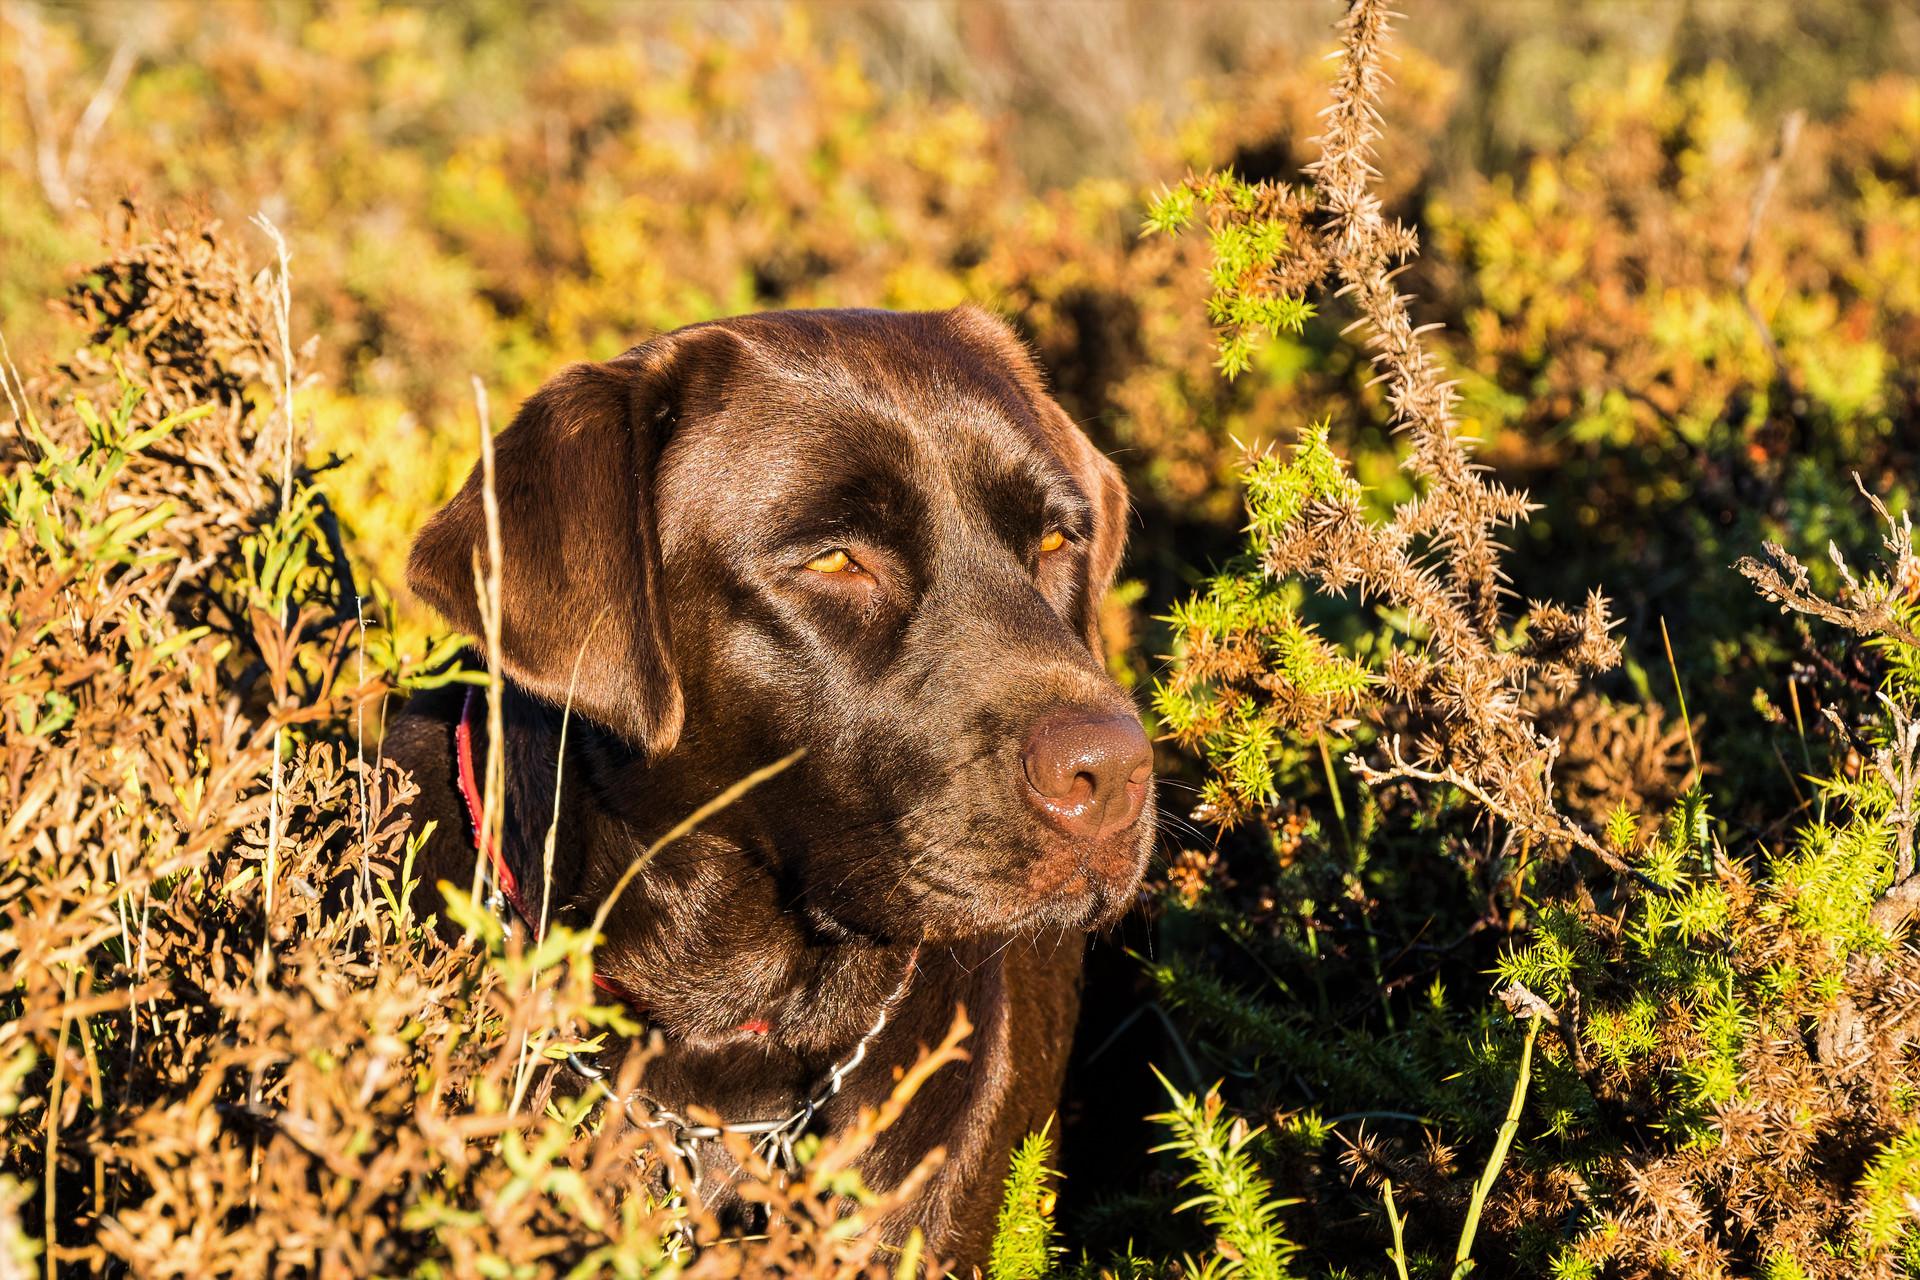 Laia, the brown labrador